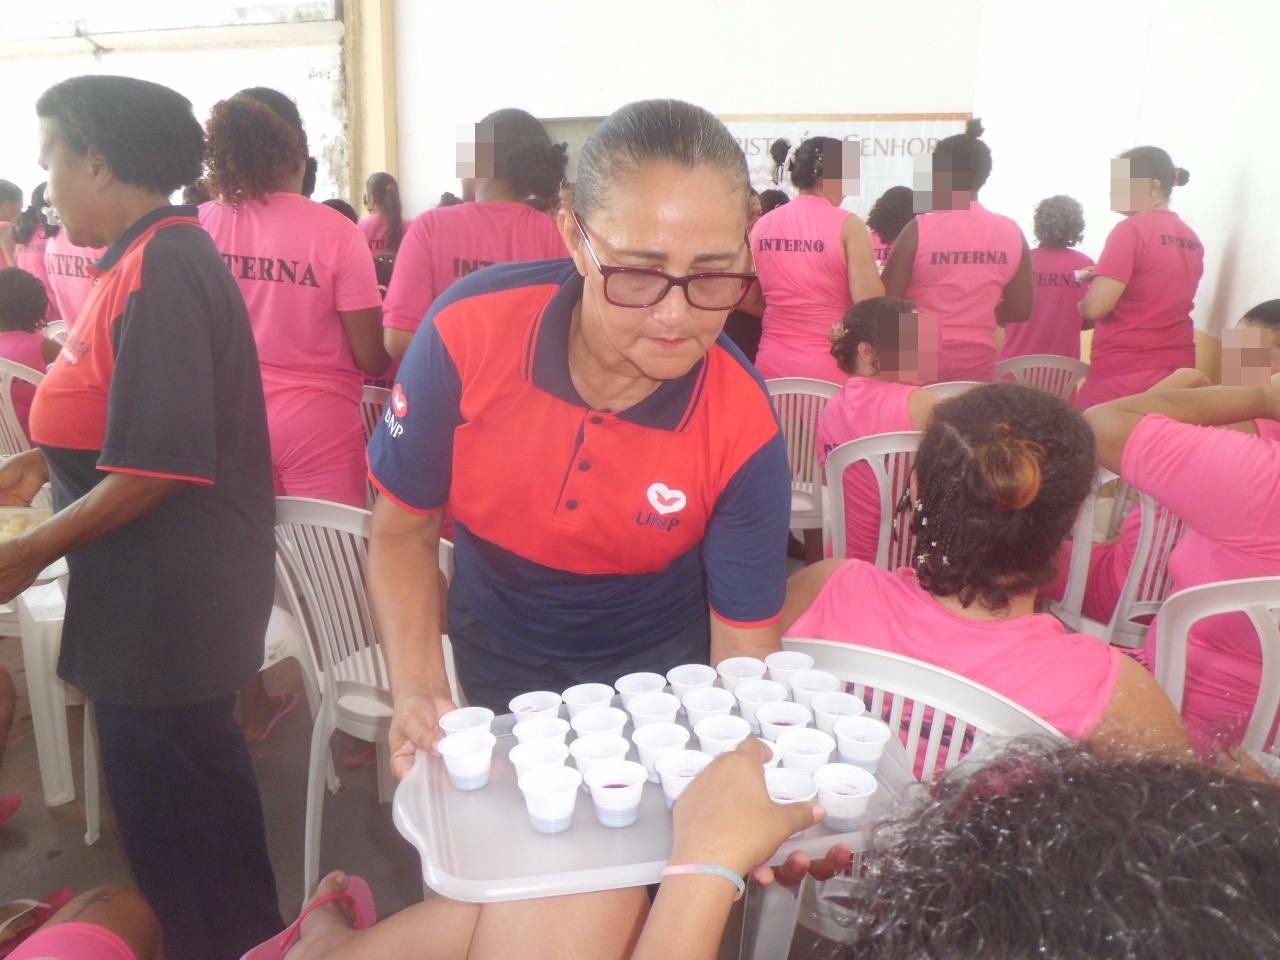 UNP Maranhão realiza Santa Ceia para internas1 min read